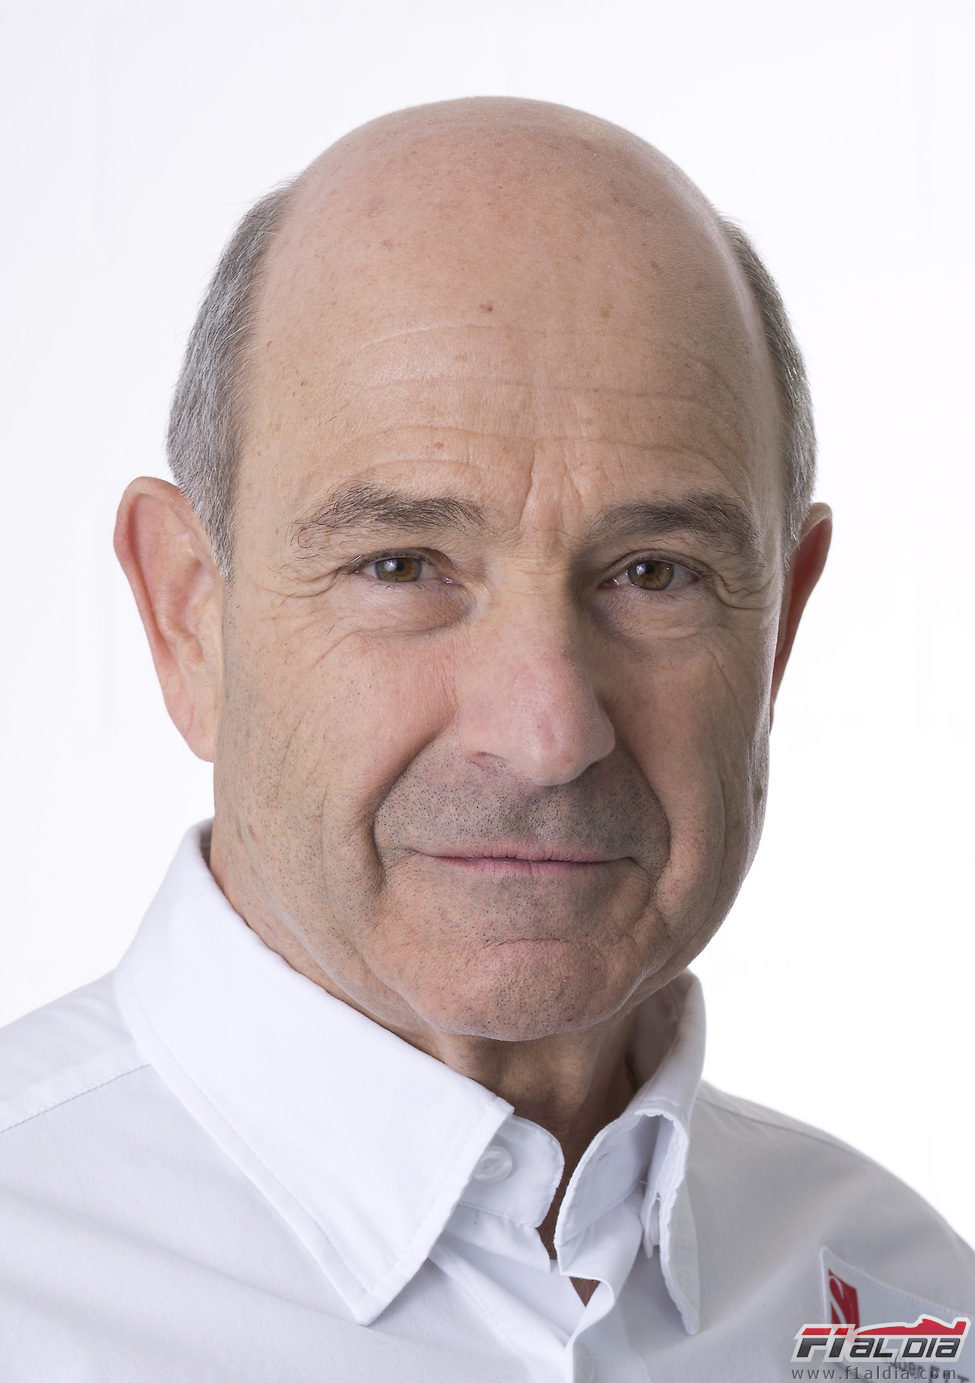 Peter Sauber, jefe del equipo Sauber de Fórmula 1